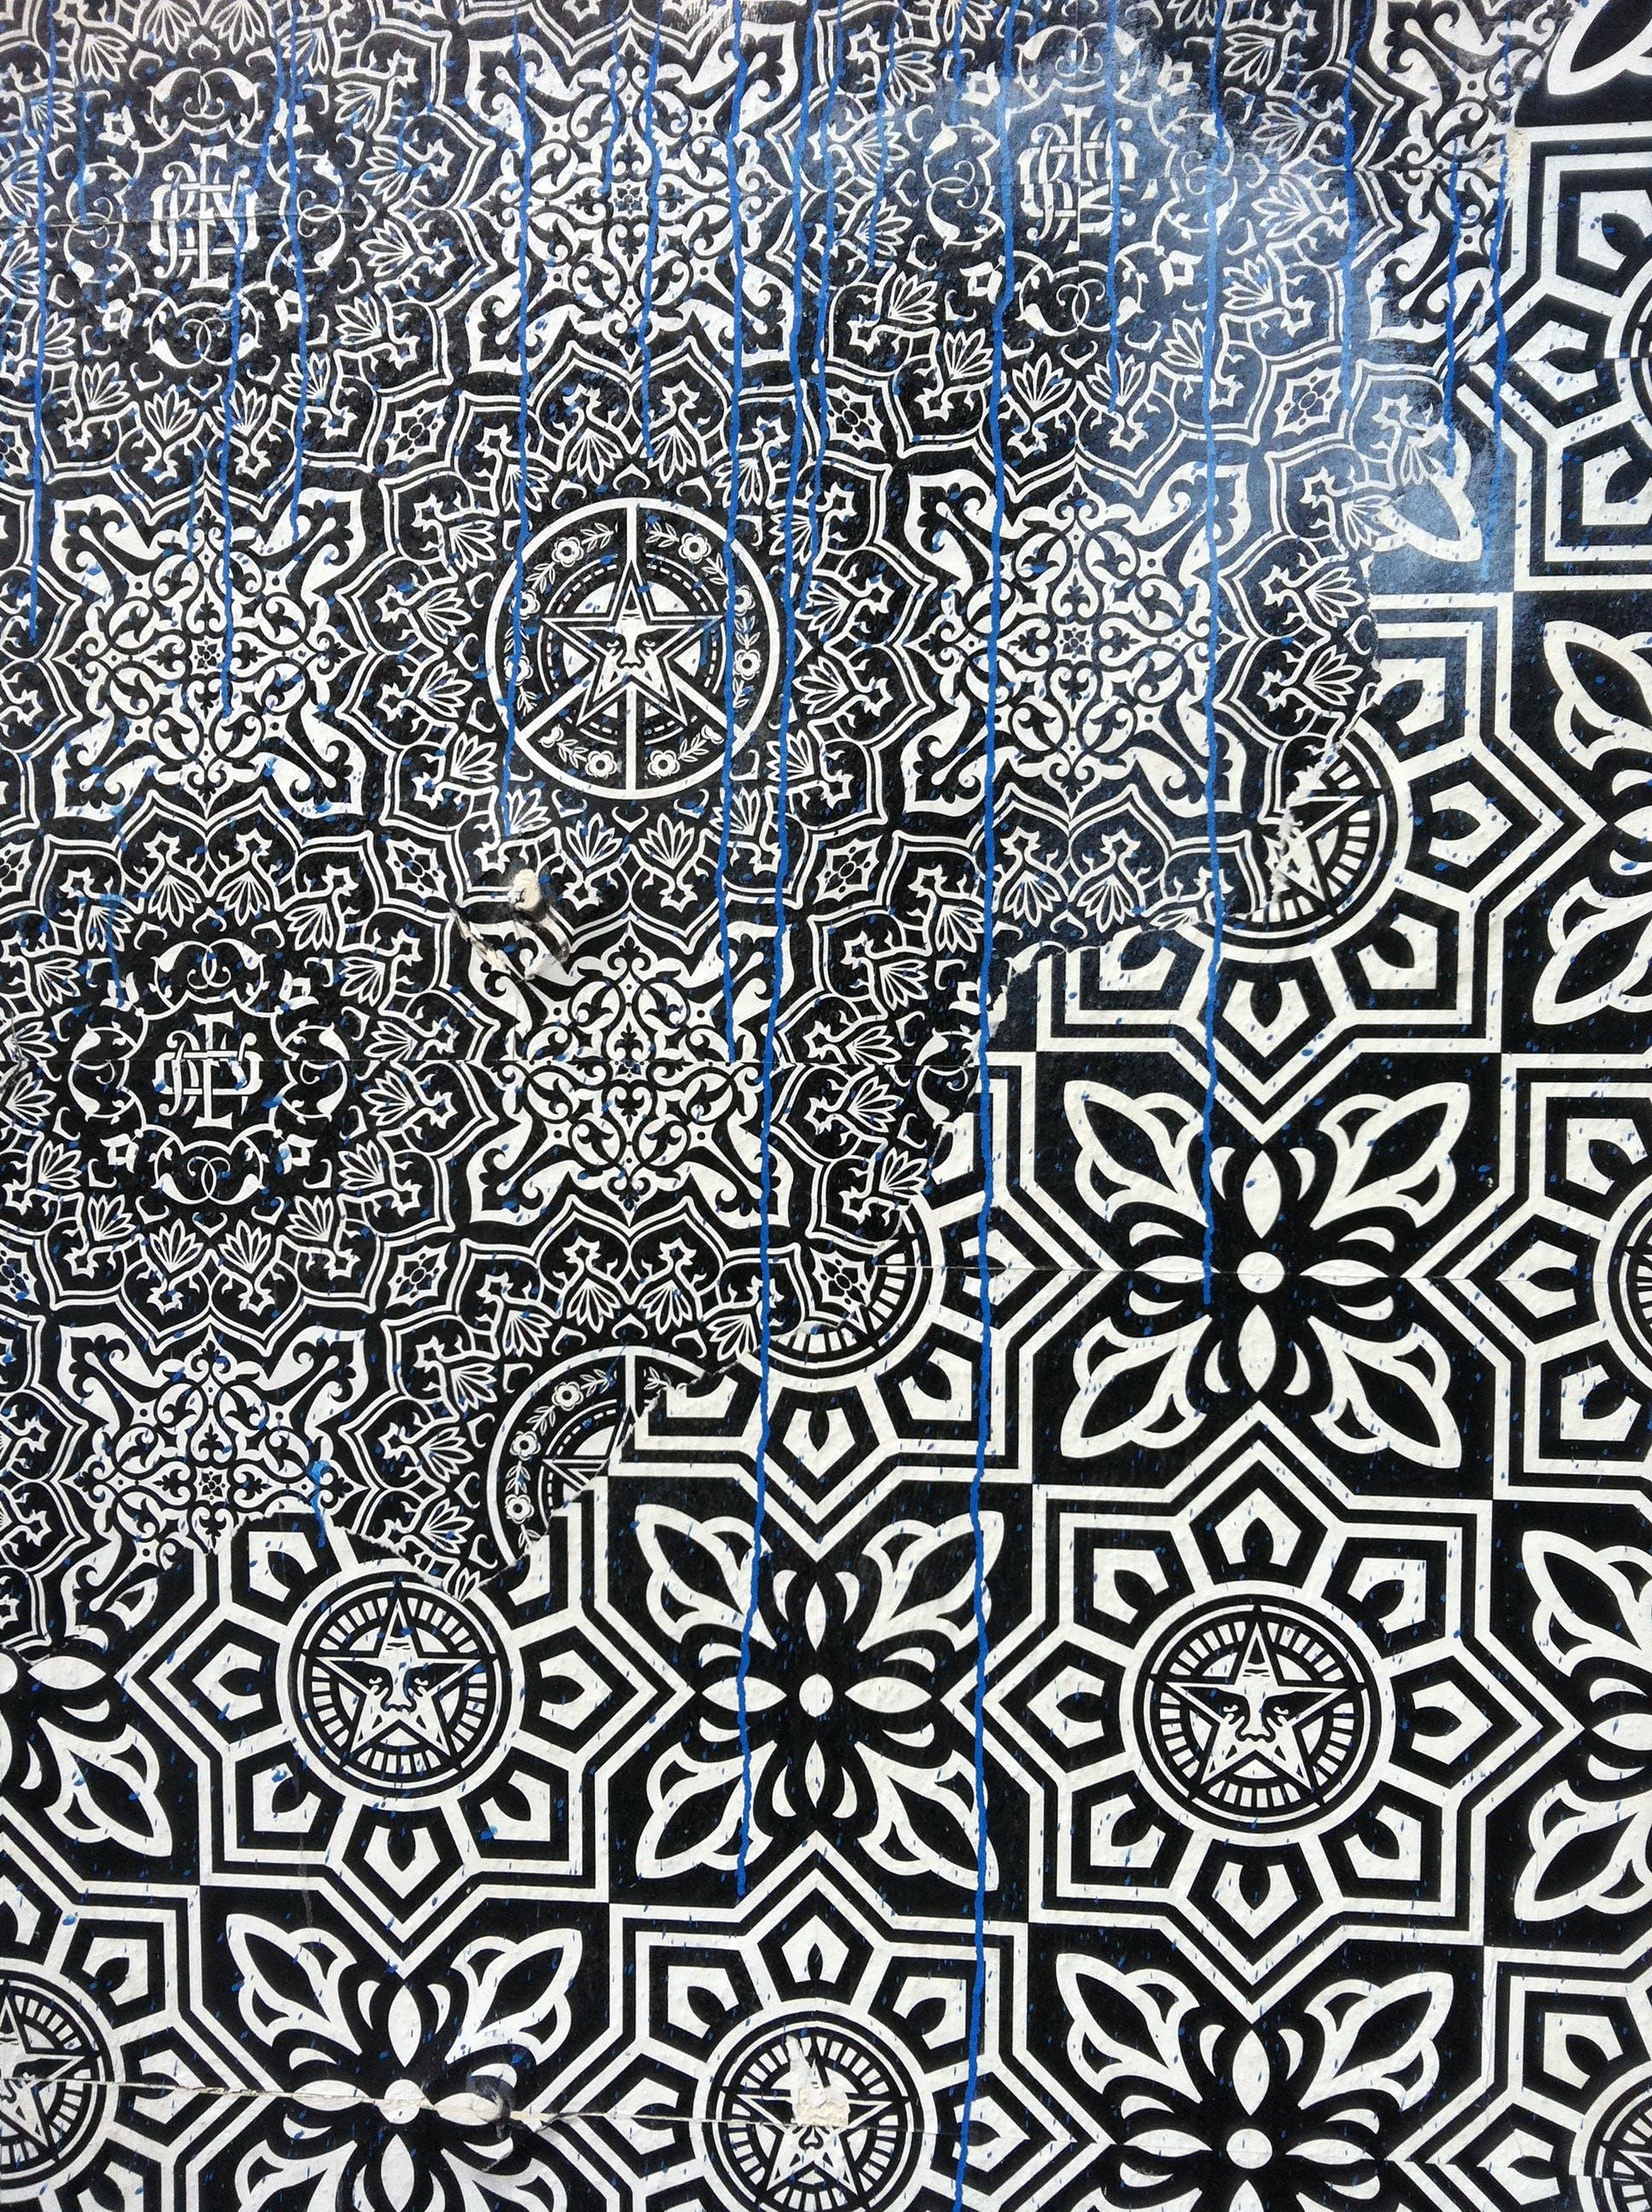 Free stock photo of graffiti, obey propaganda, pattern